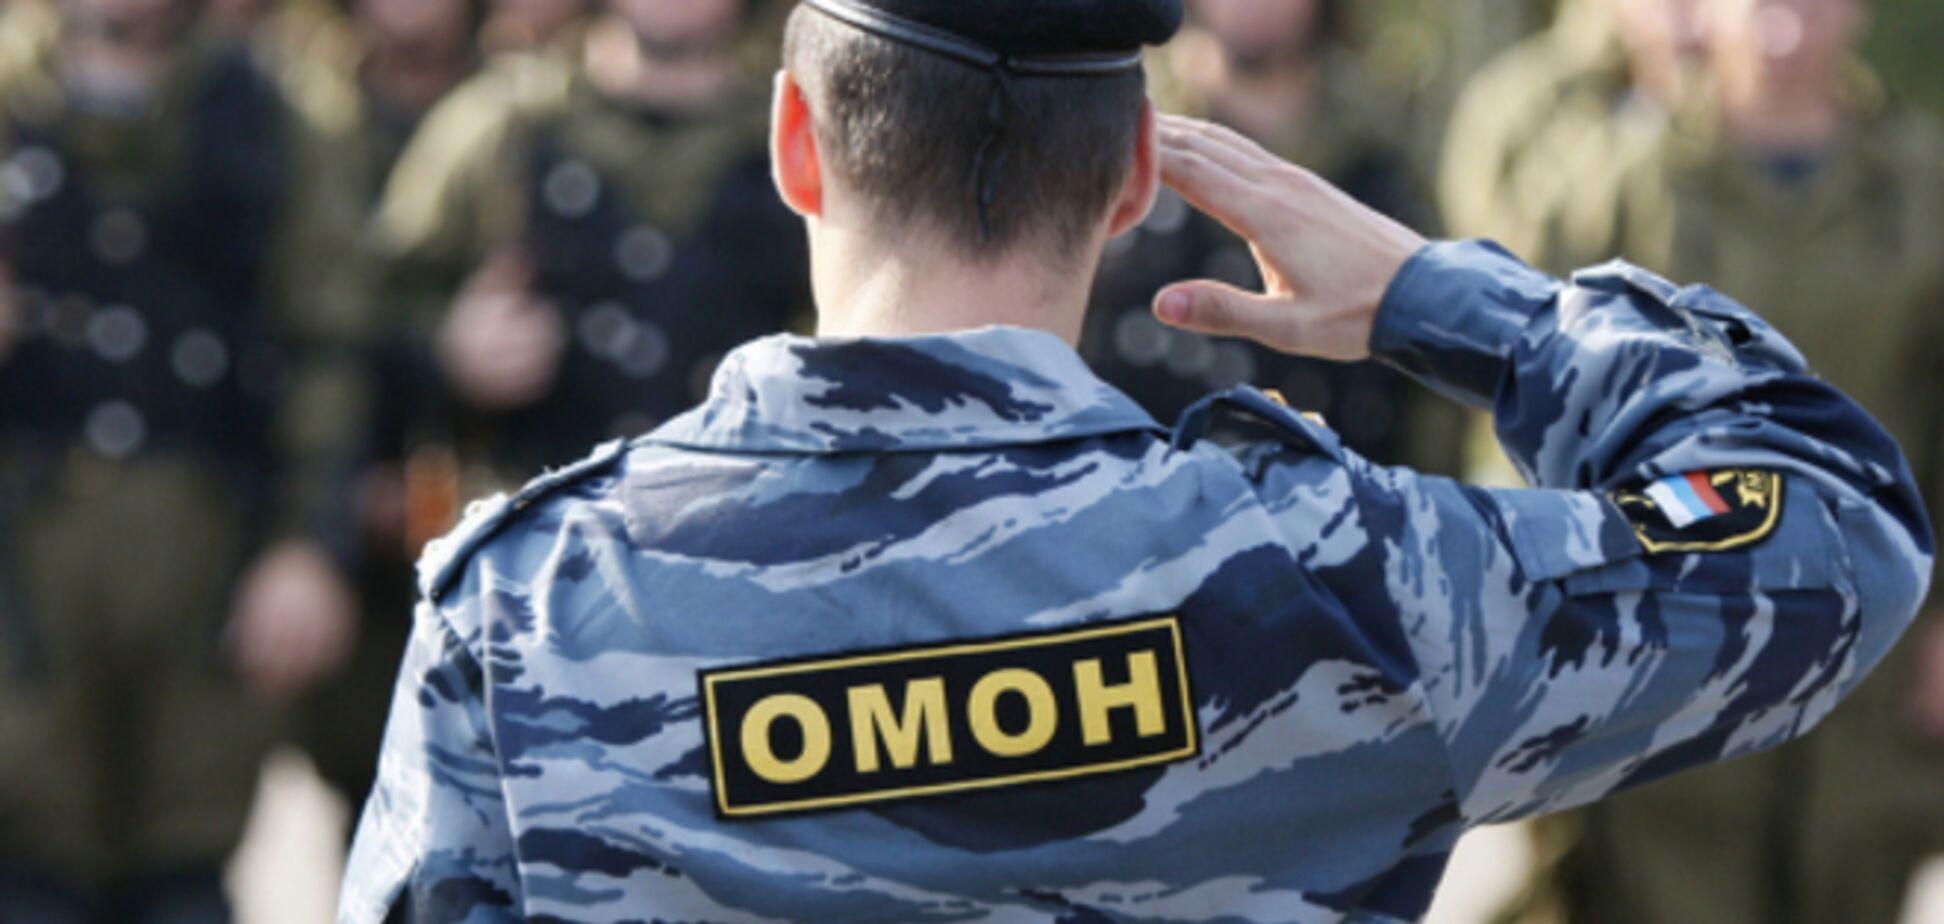 Оператор-документалист задержан ОМОНом в Симферополе